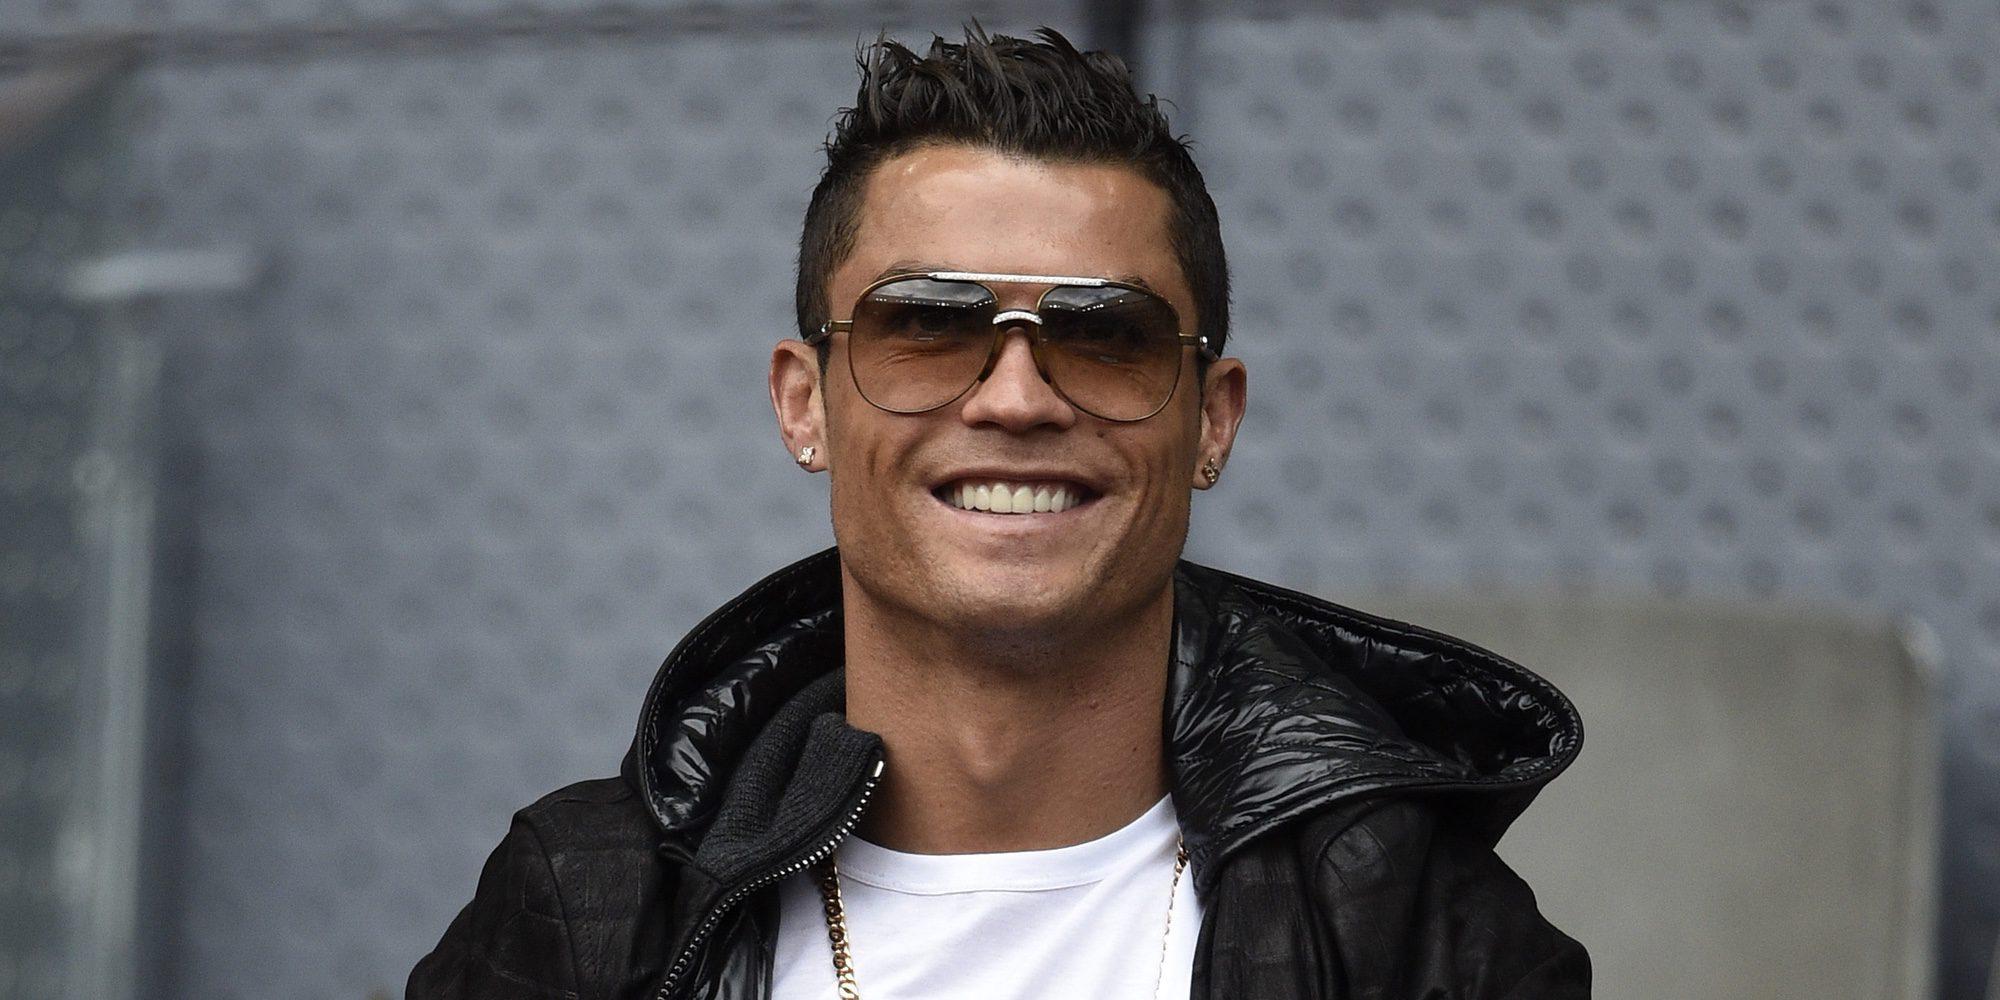 Cristiano Ronaldo podría haberse gastado 200.000 euros en sus mellizos